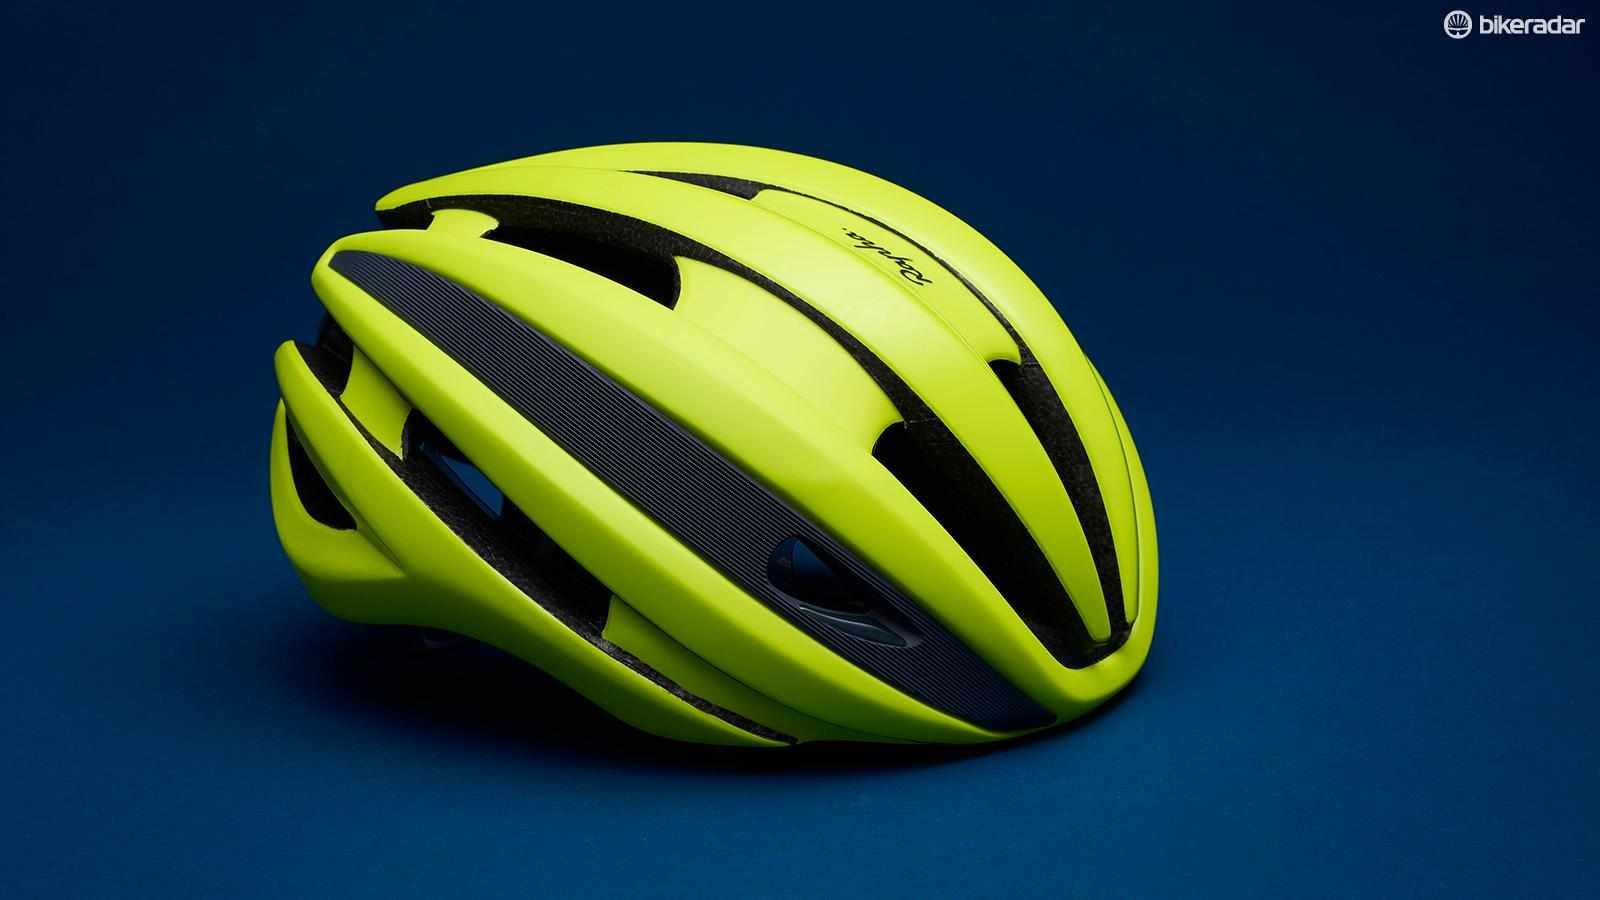 The Rapha Synthe helmet